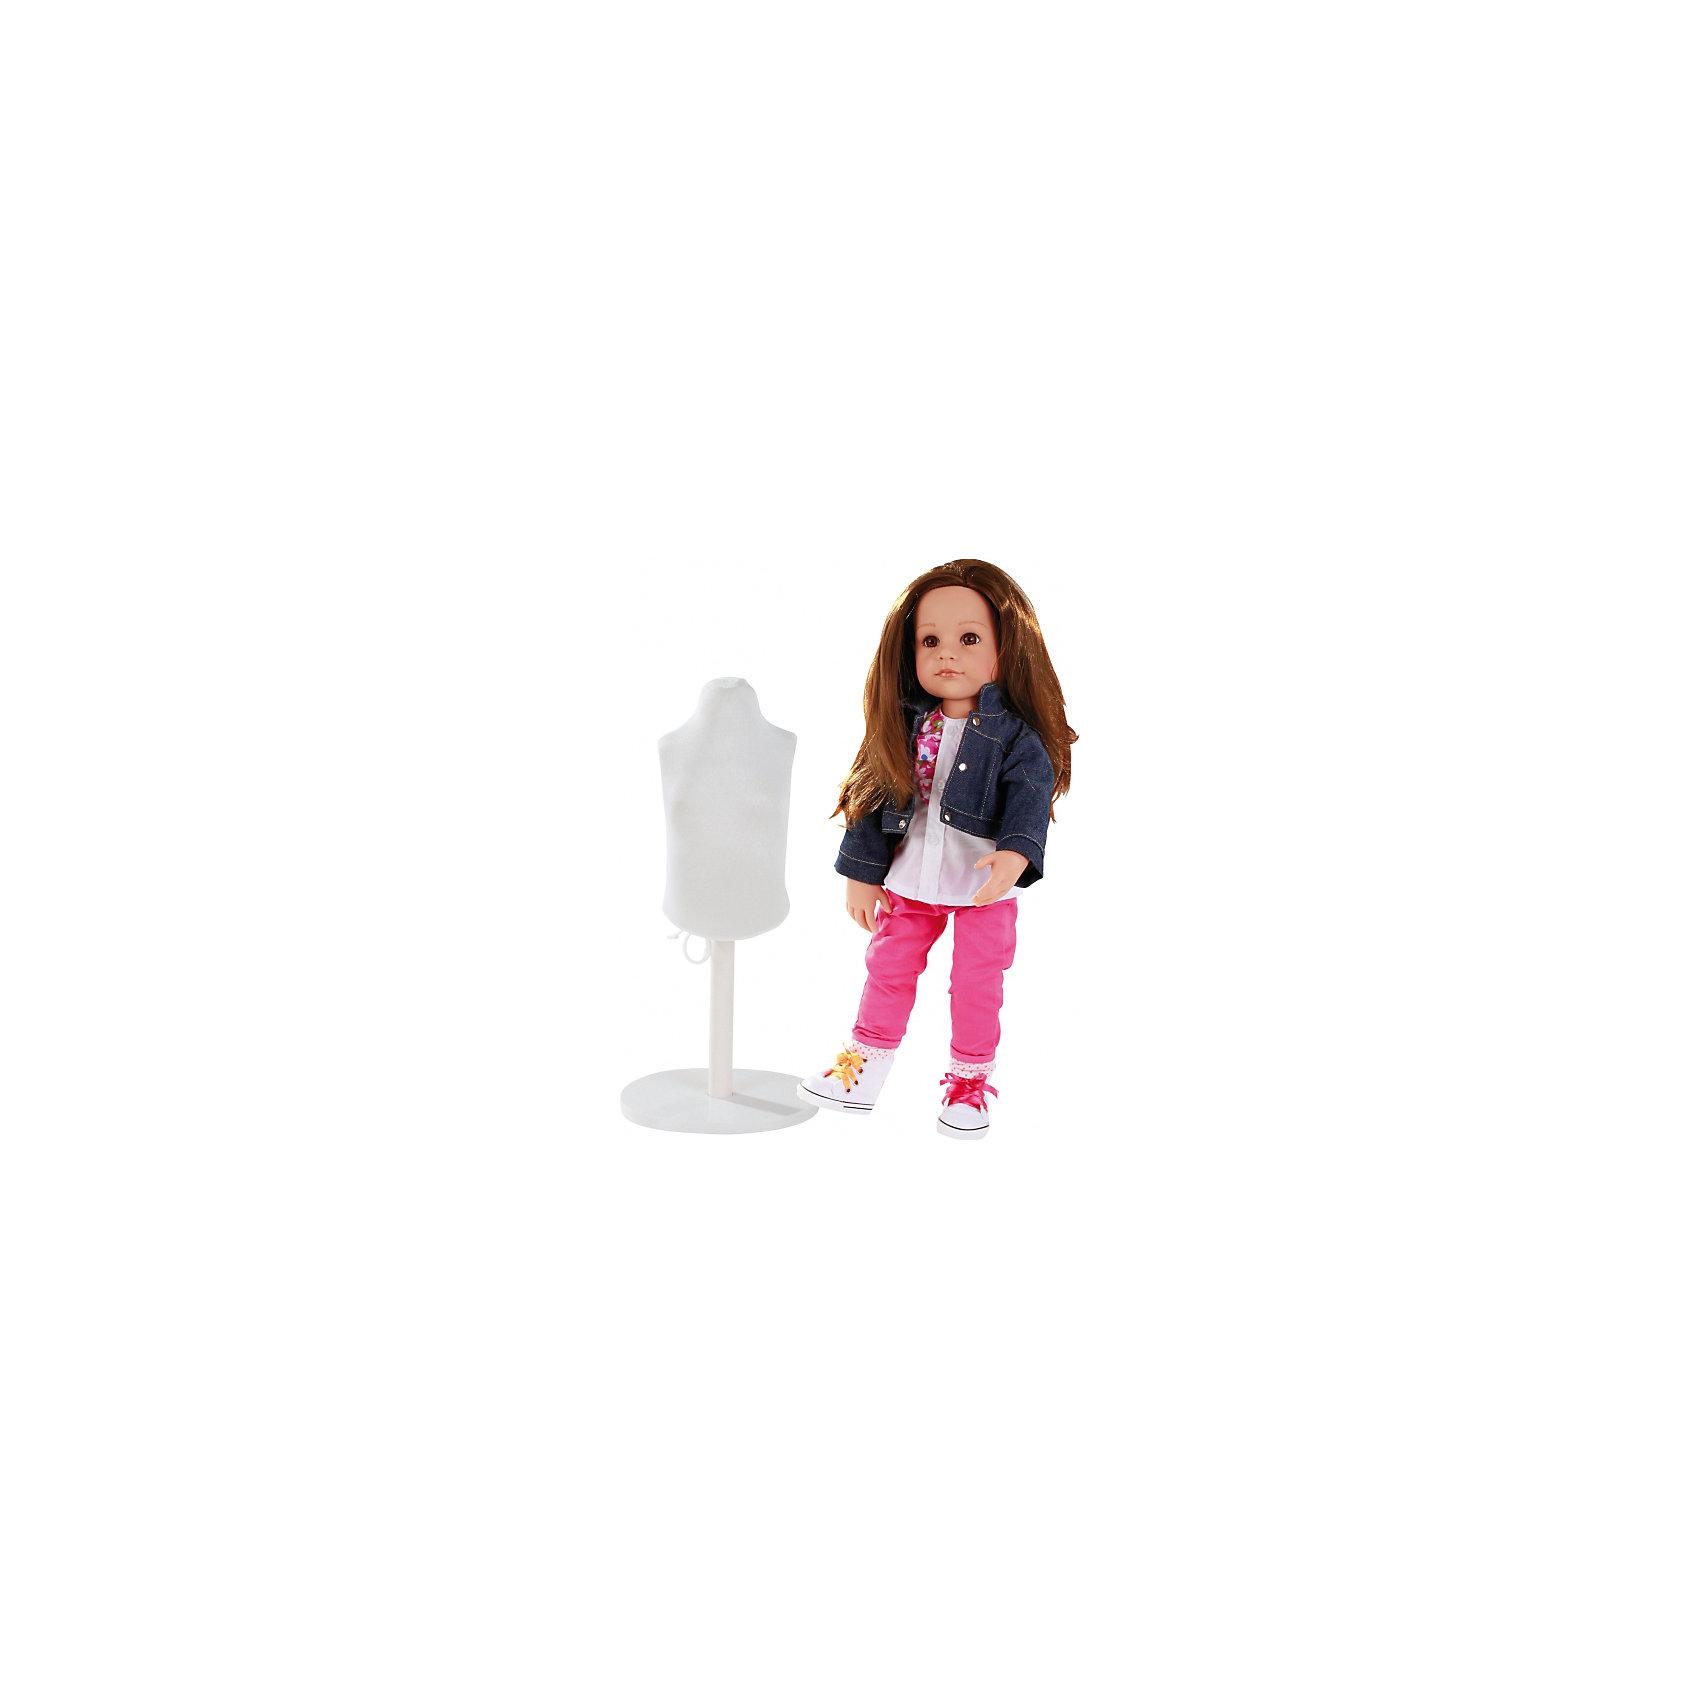 Кукла Ханна Дизайнер, 50 см, G?tzОчаровательная кукла Ханна-дизайнер станет замечательным подарком для девочки. С необычной куклой , которая так похожа на настоящую девочку, можно проводить много времени вместе, придумывая увлекательные сюжеты для игр. Кукла Gotz с виниловым подвижным телом подходит для активных игр дома и на улице. Куклу можно переодевать и делать различные прически. Кукла имеет длинные темные волосы, которые прочно вшиты для избежания выпадения во время активных игр детей. Ханна одета в стильный наряд, состоящий из ярких брючек, пестрой кофты и джинсовой курточки. На ножках у Ханны - стильные кеды с разноцветной шнуровкой. В комплекте с куклой девочка найдет небольшой манекен, а также всё необходимое для того, чтобы создать куколке дополнительный стильный наряд. В комплекте: Кукла Ханна в одежде и обуви, Манекен, Ткань, Ножницы, Сантиметр, Иголки, Сумочка, Инструкция. Кукла, одежда и аксессуары Gotz выполнены из качественных материалов с учетом необходимых стандартов, соответствующих европейским нормативам. Куклу можно мы<br><br>Ширина мм: 527<br>Глубина мм: 384<br>Высота мм: 140<br>Вес г: 1200<br>Возраст от месяцев: 36<br>Возраст до месяцев: 144<br>Пол: Женский<br>Возраст: Детский<br>SKU: 4813060